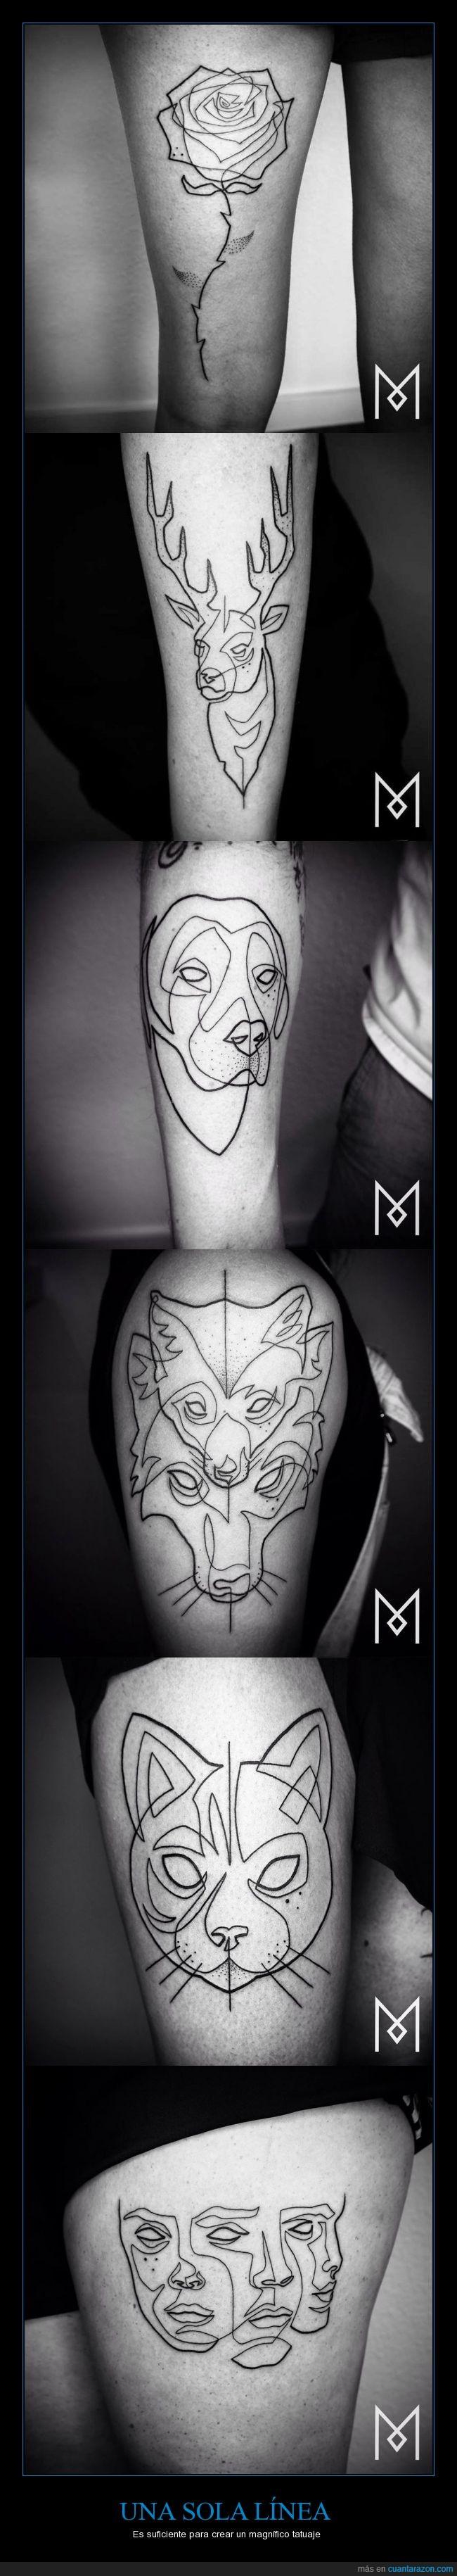 Arte en la piel,Tatuajes lineales,Yo quiero uno